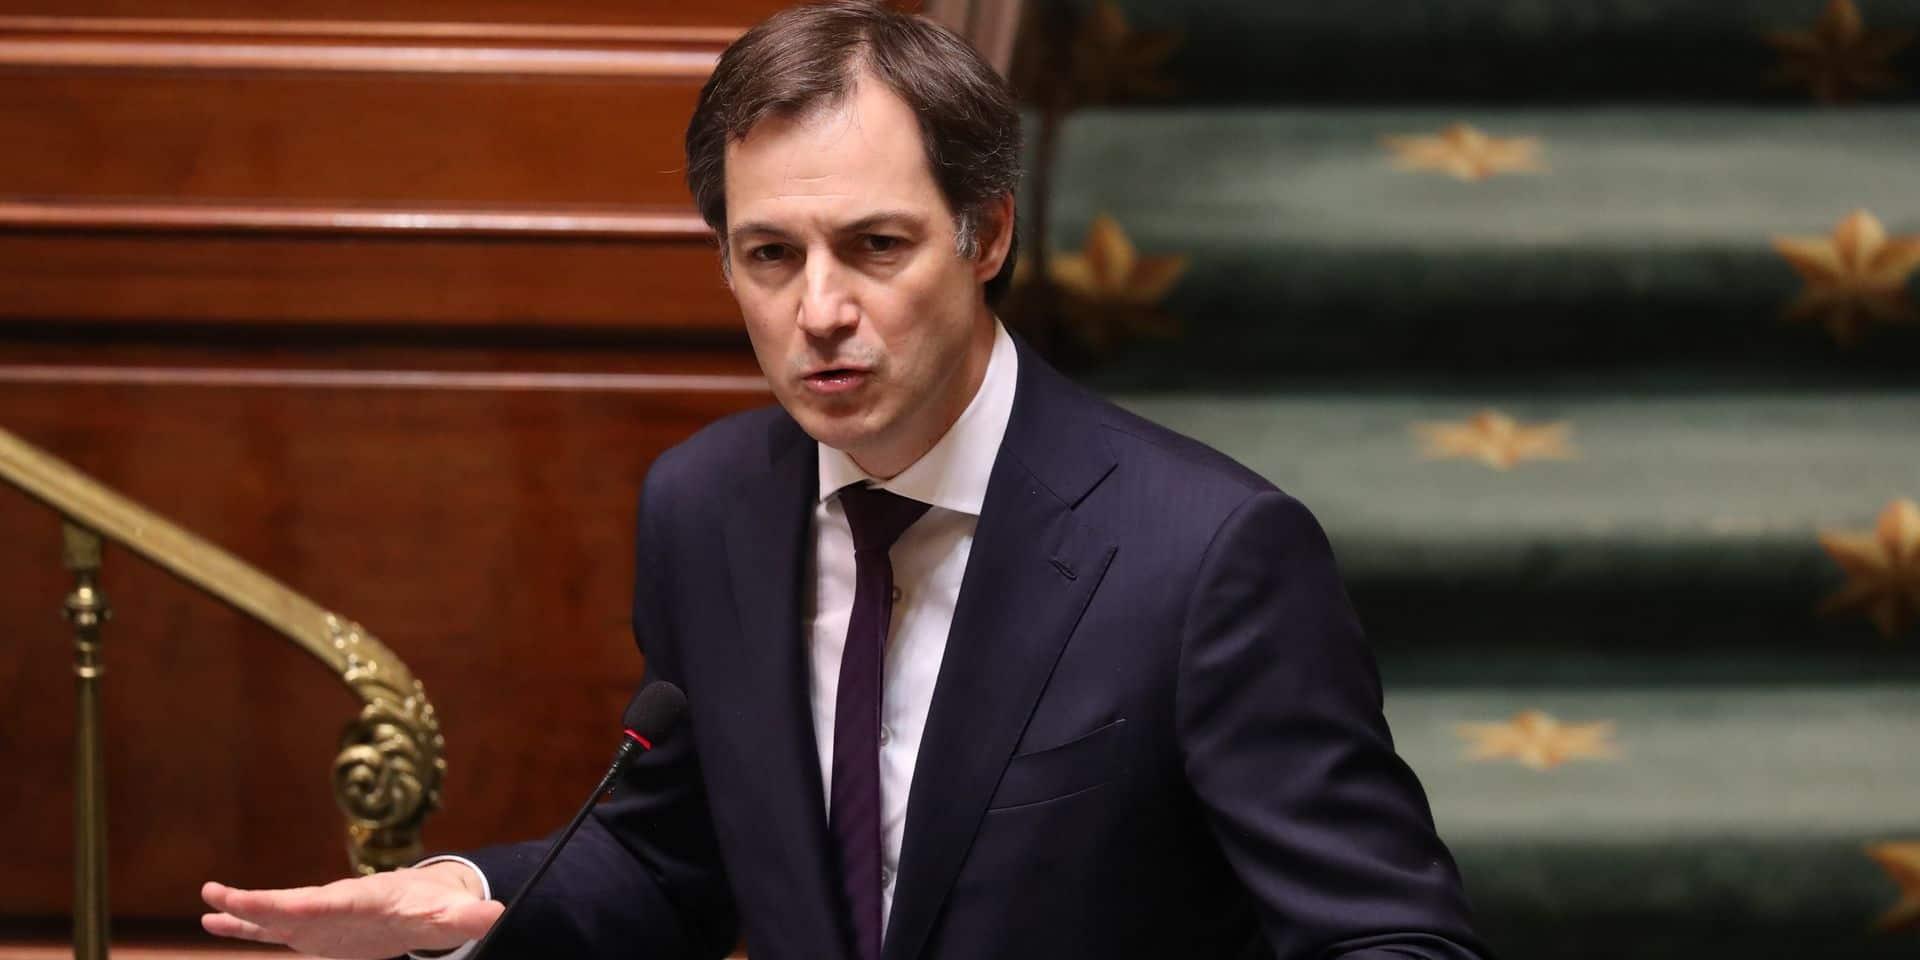 """""""La situation est explosive"""", """"des mesures insuffisantes"""": le gouvernement De Croo sous le feu des critiques à la Chambre"""